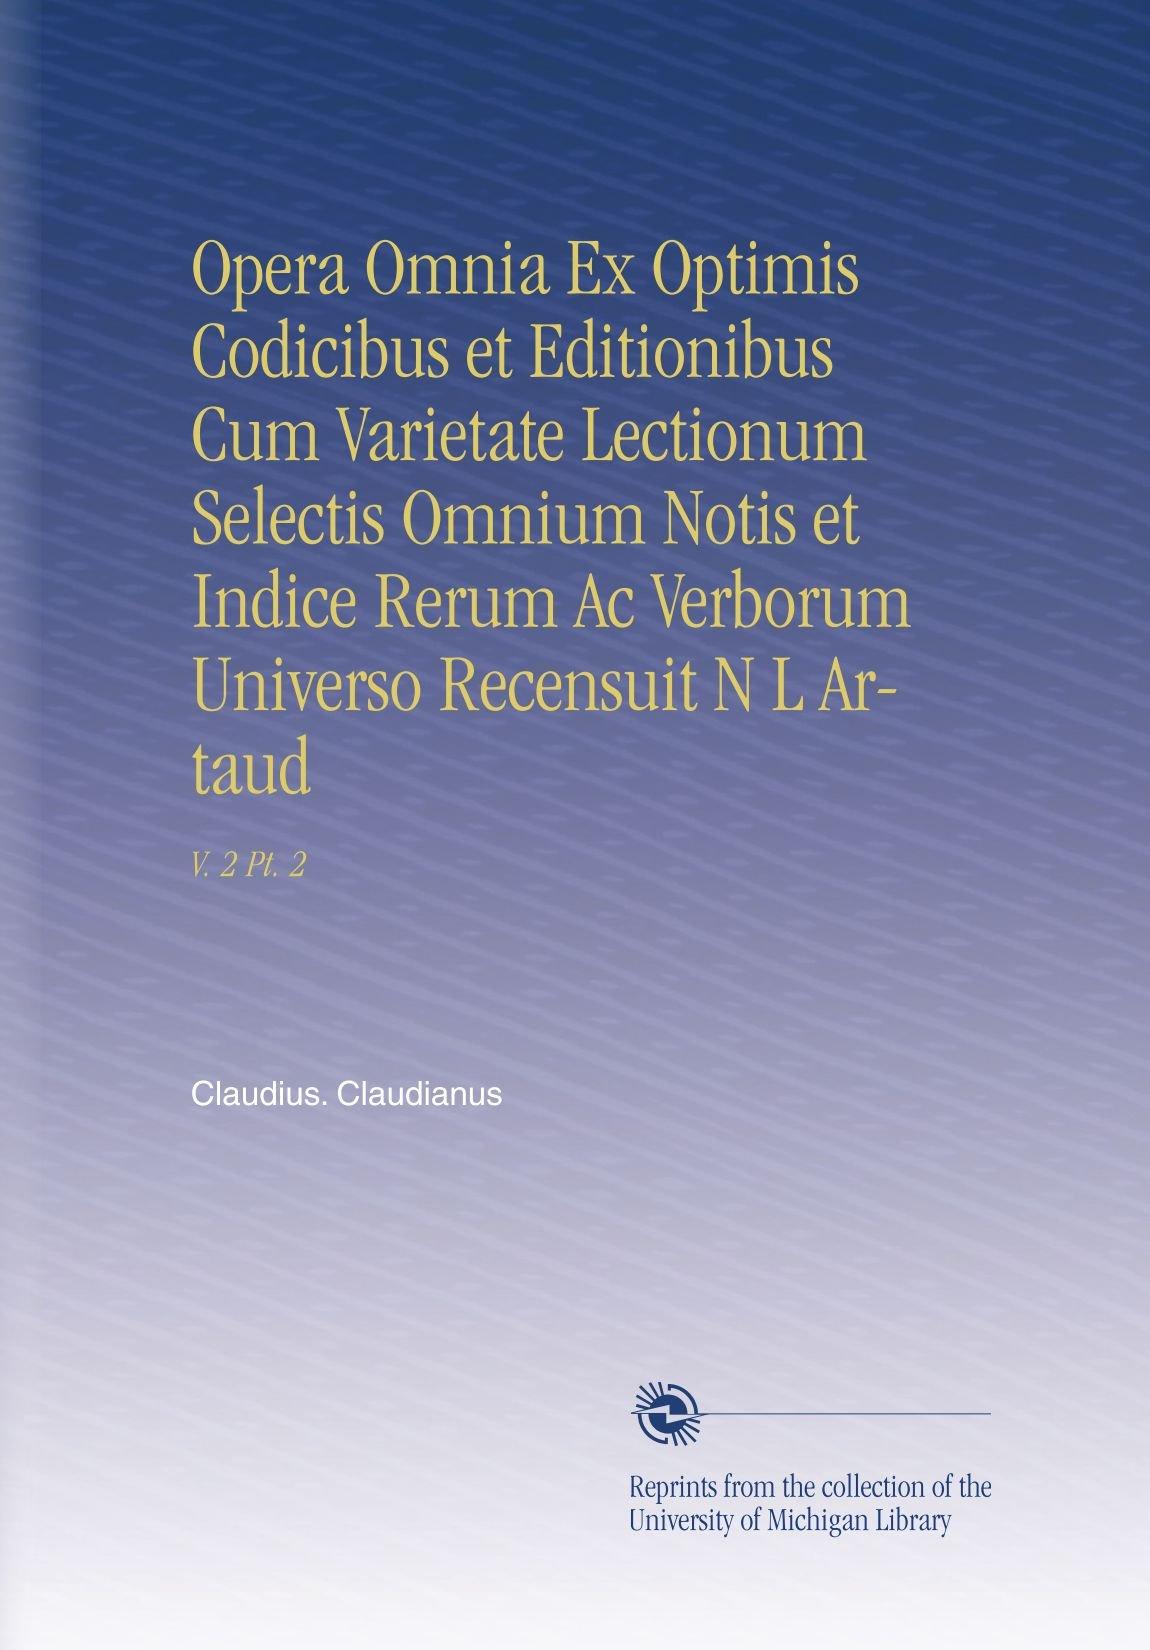 Download Opera Omnia Ex Optimis Codicibus et Editionibus Cum Varietate Lectionum Selectis Omnium Notis et Indice Rerum Ac Verborum Universo Recensuit N L Artaud: V. 2 Pt. 2 (Latin Edition) pdf epub